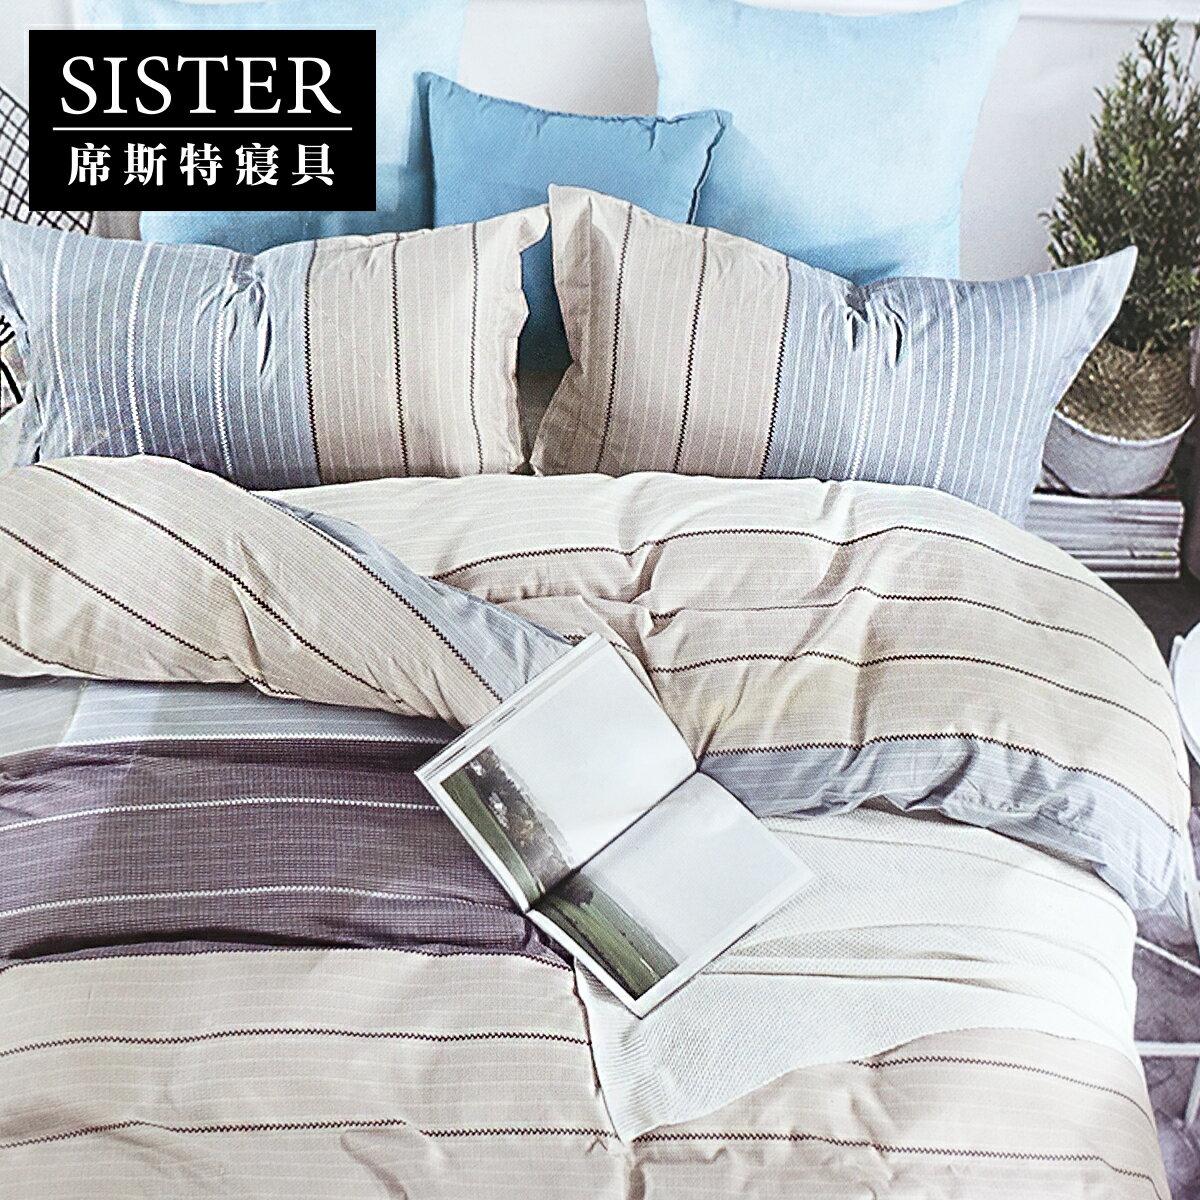 【SISTER席斯特】城市空間 床包枕套三件組-雙人